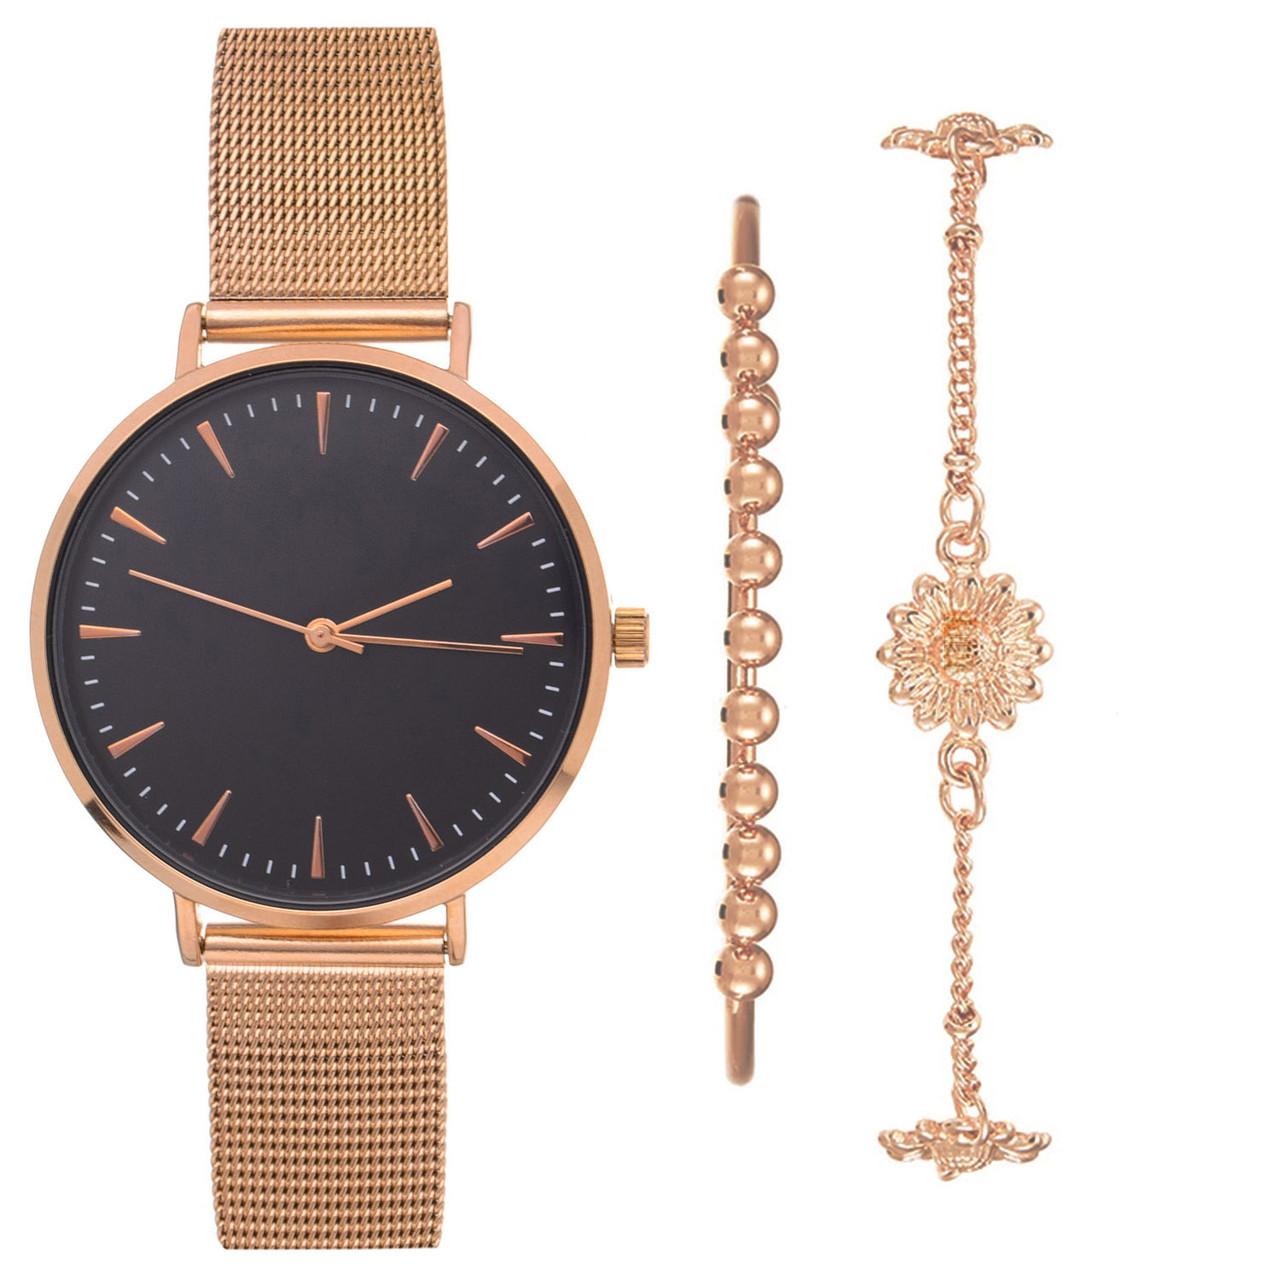 Жіночий годинник Kiomi ifgyy Gold